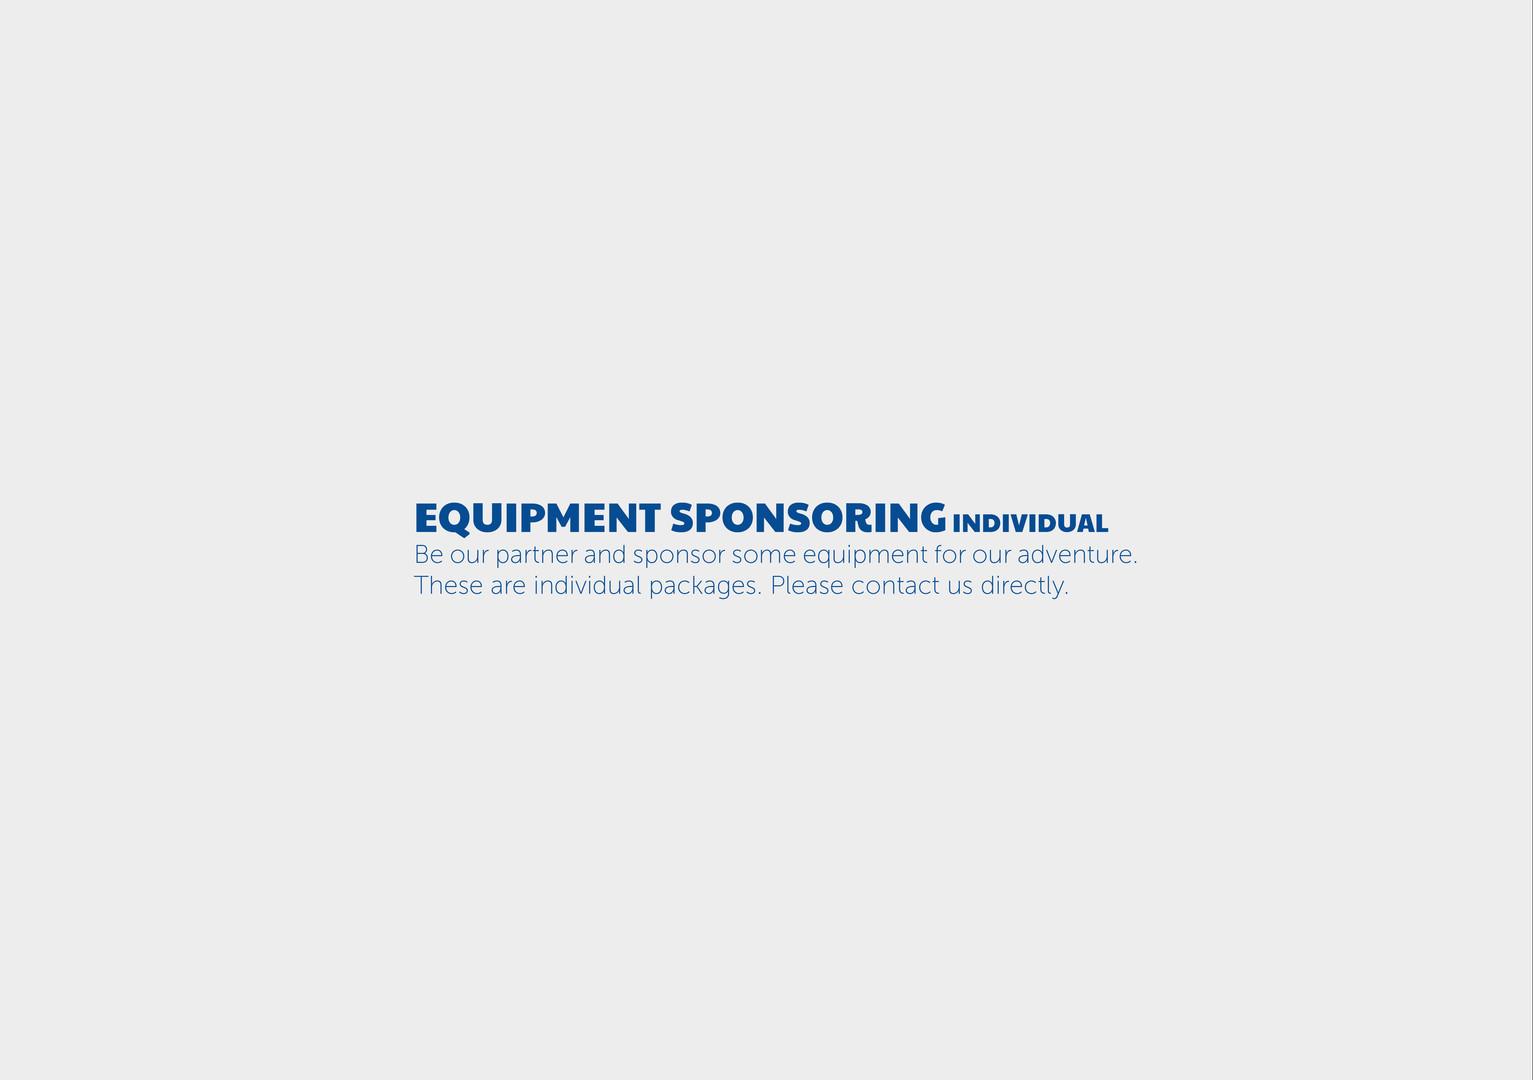 Sponsoring_Equipment_Sponsoring.jpg